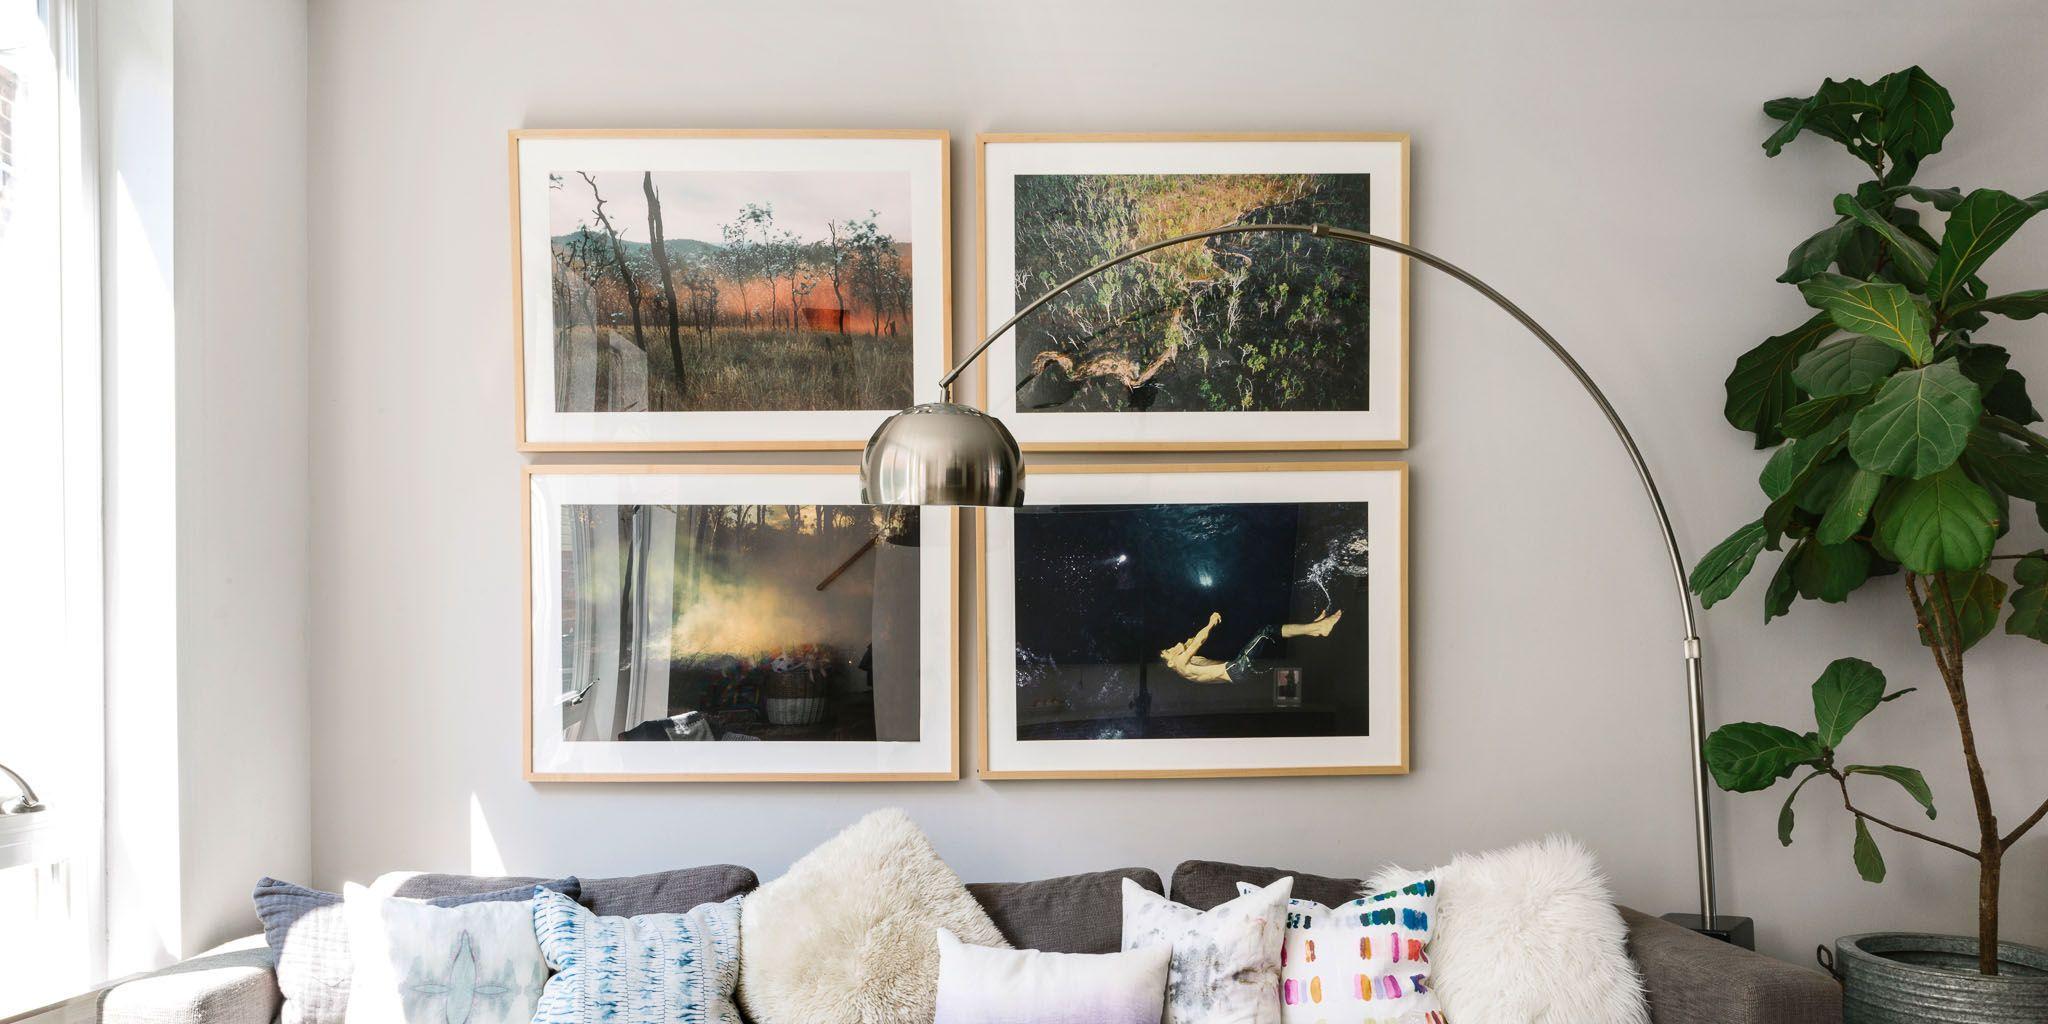 10 ideas para lograr una decoración más acogedora